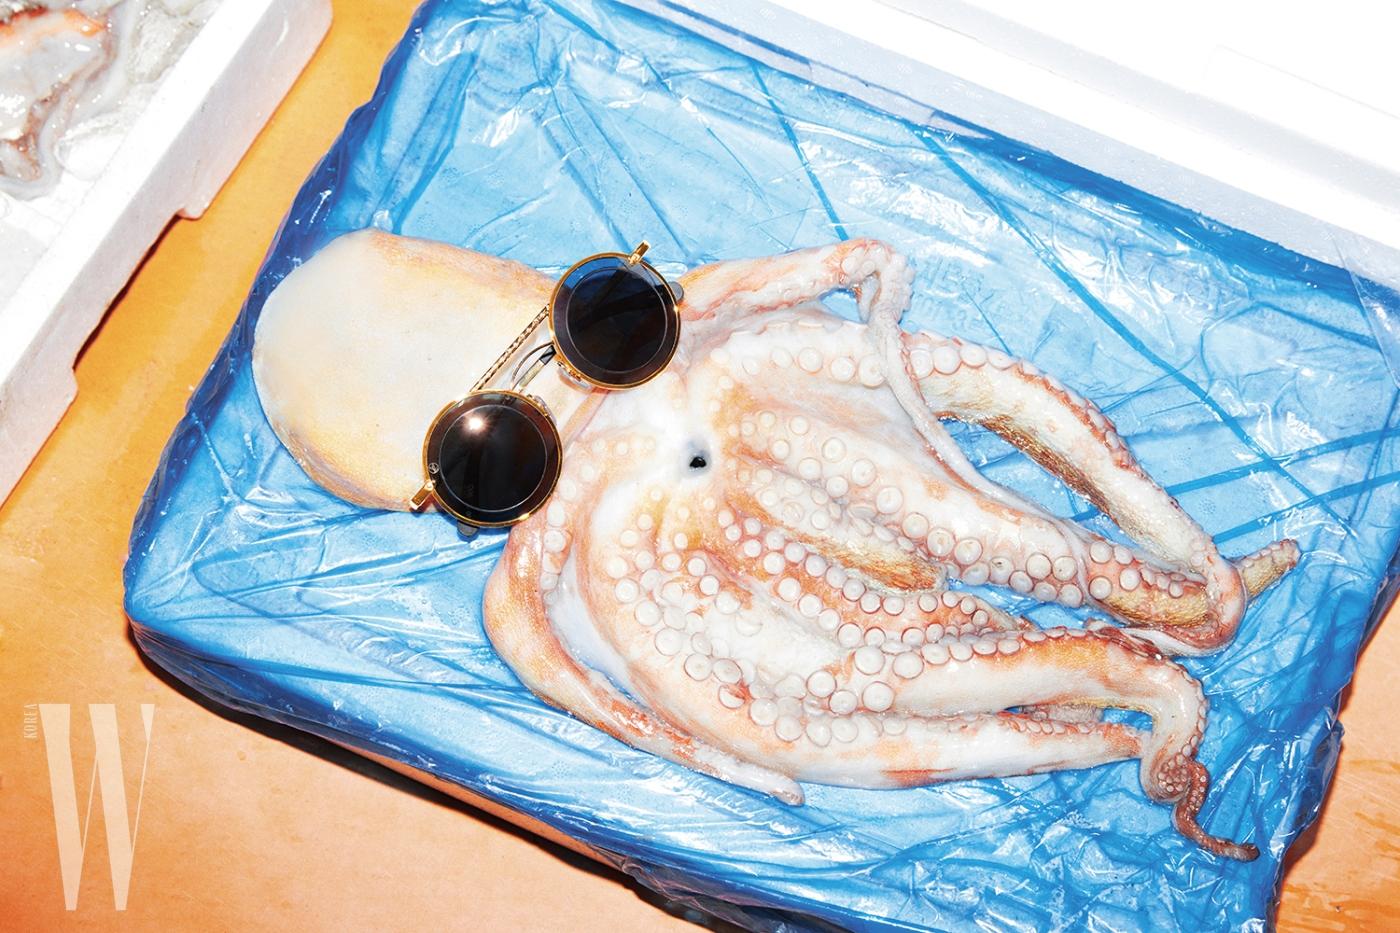 문어와 함께 놓인 동그란 렌즈의 보잉 선글라스는 루이 비통 제품. 73만원.